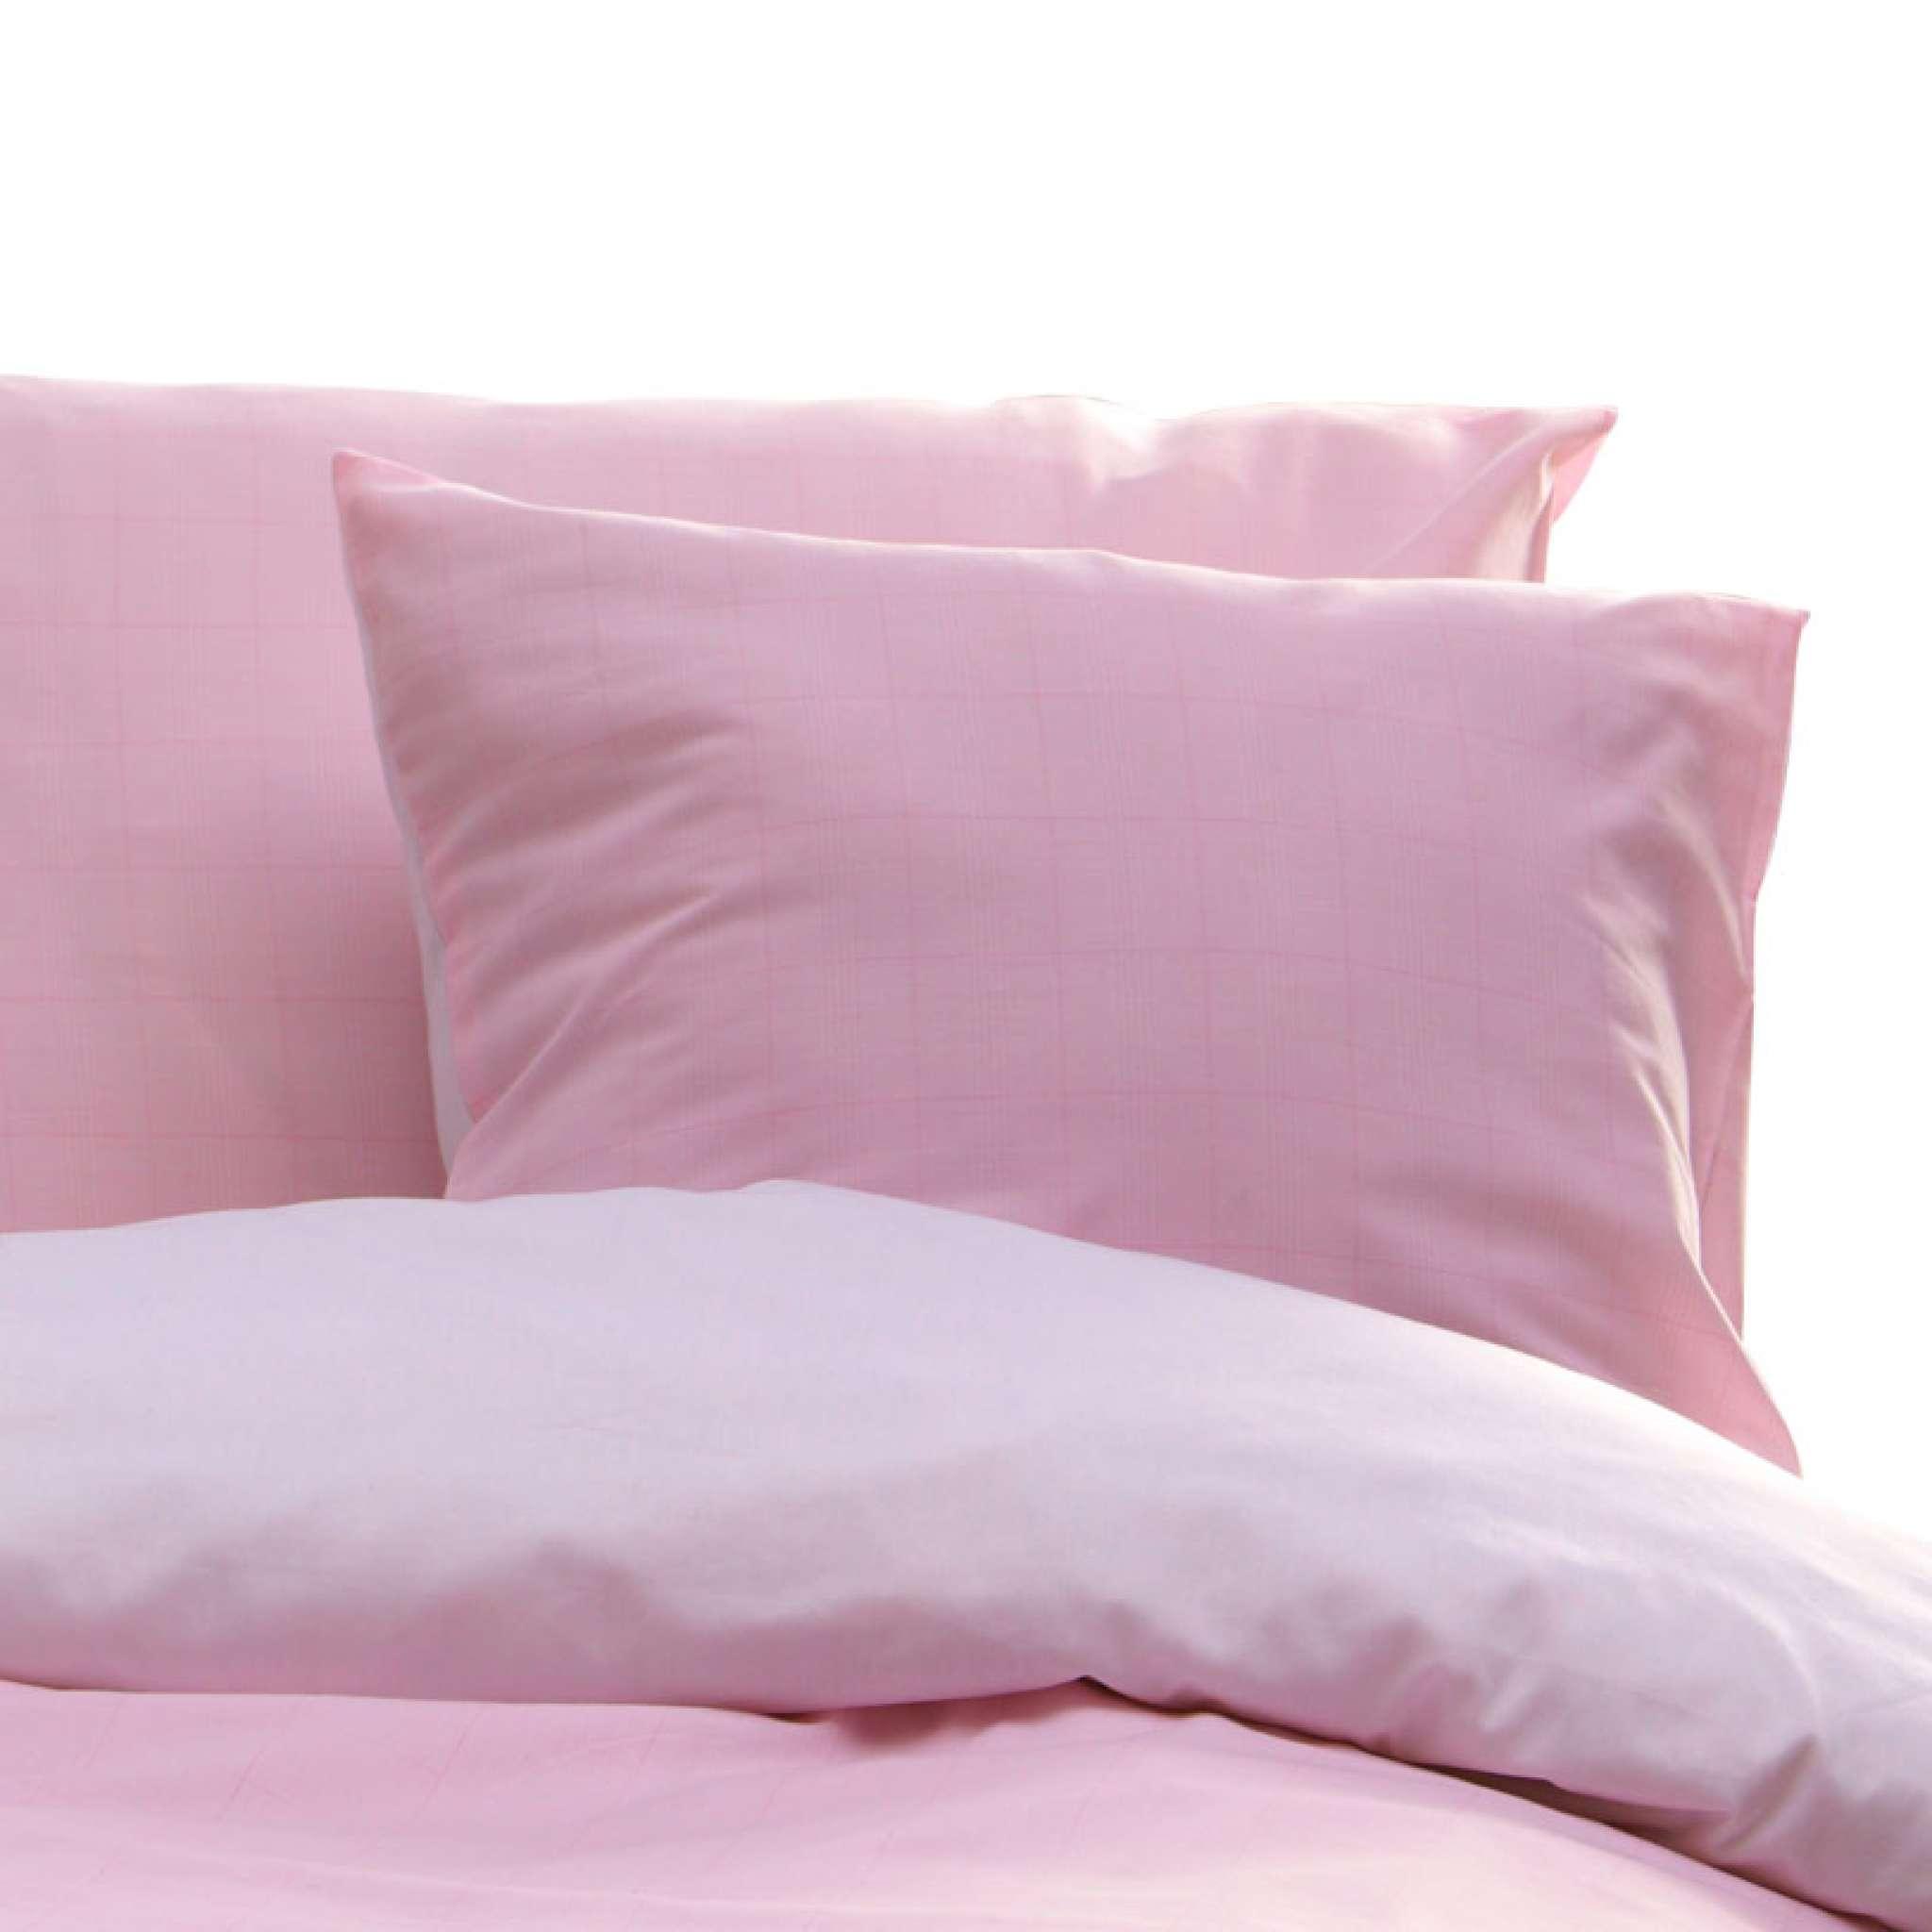 Paris kuddfodral Ljus rosa 60x60 cm